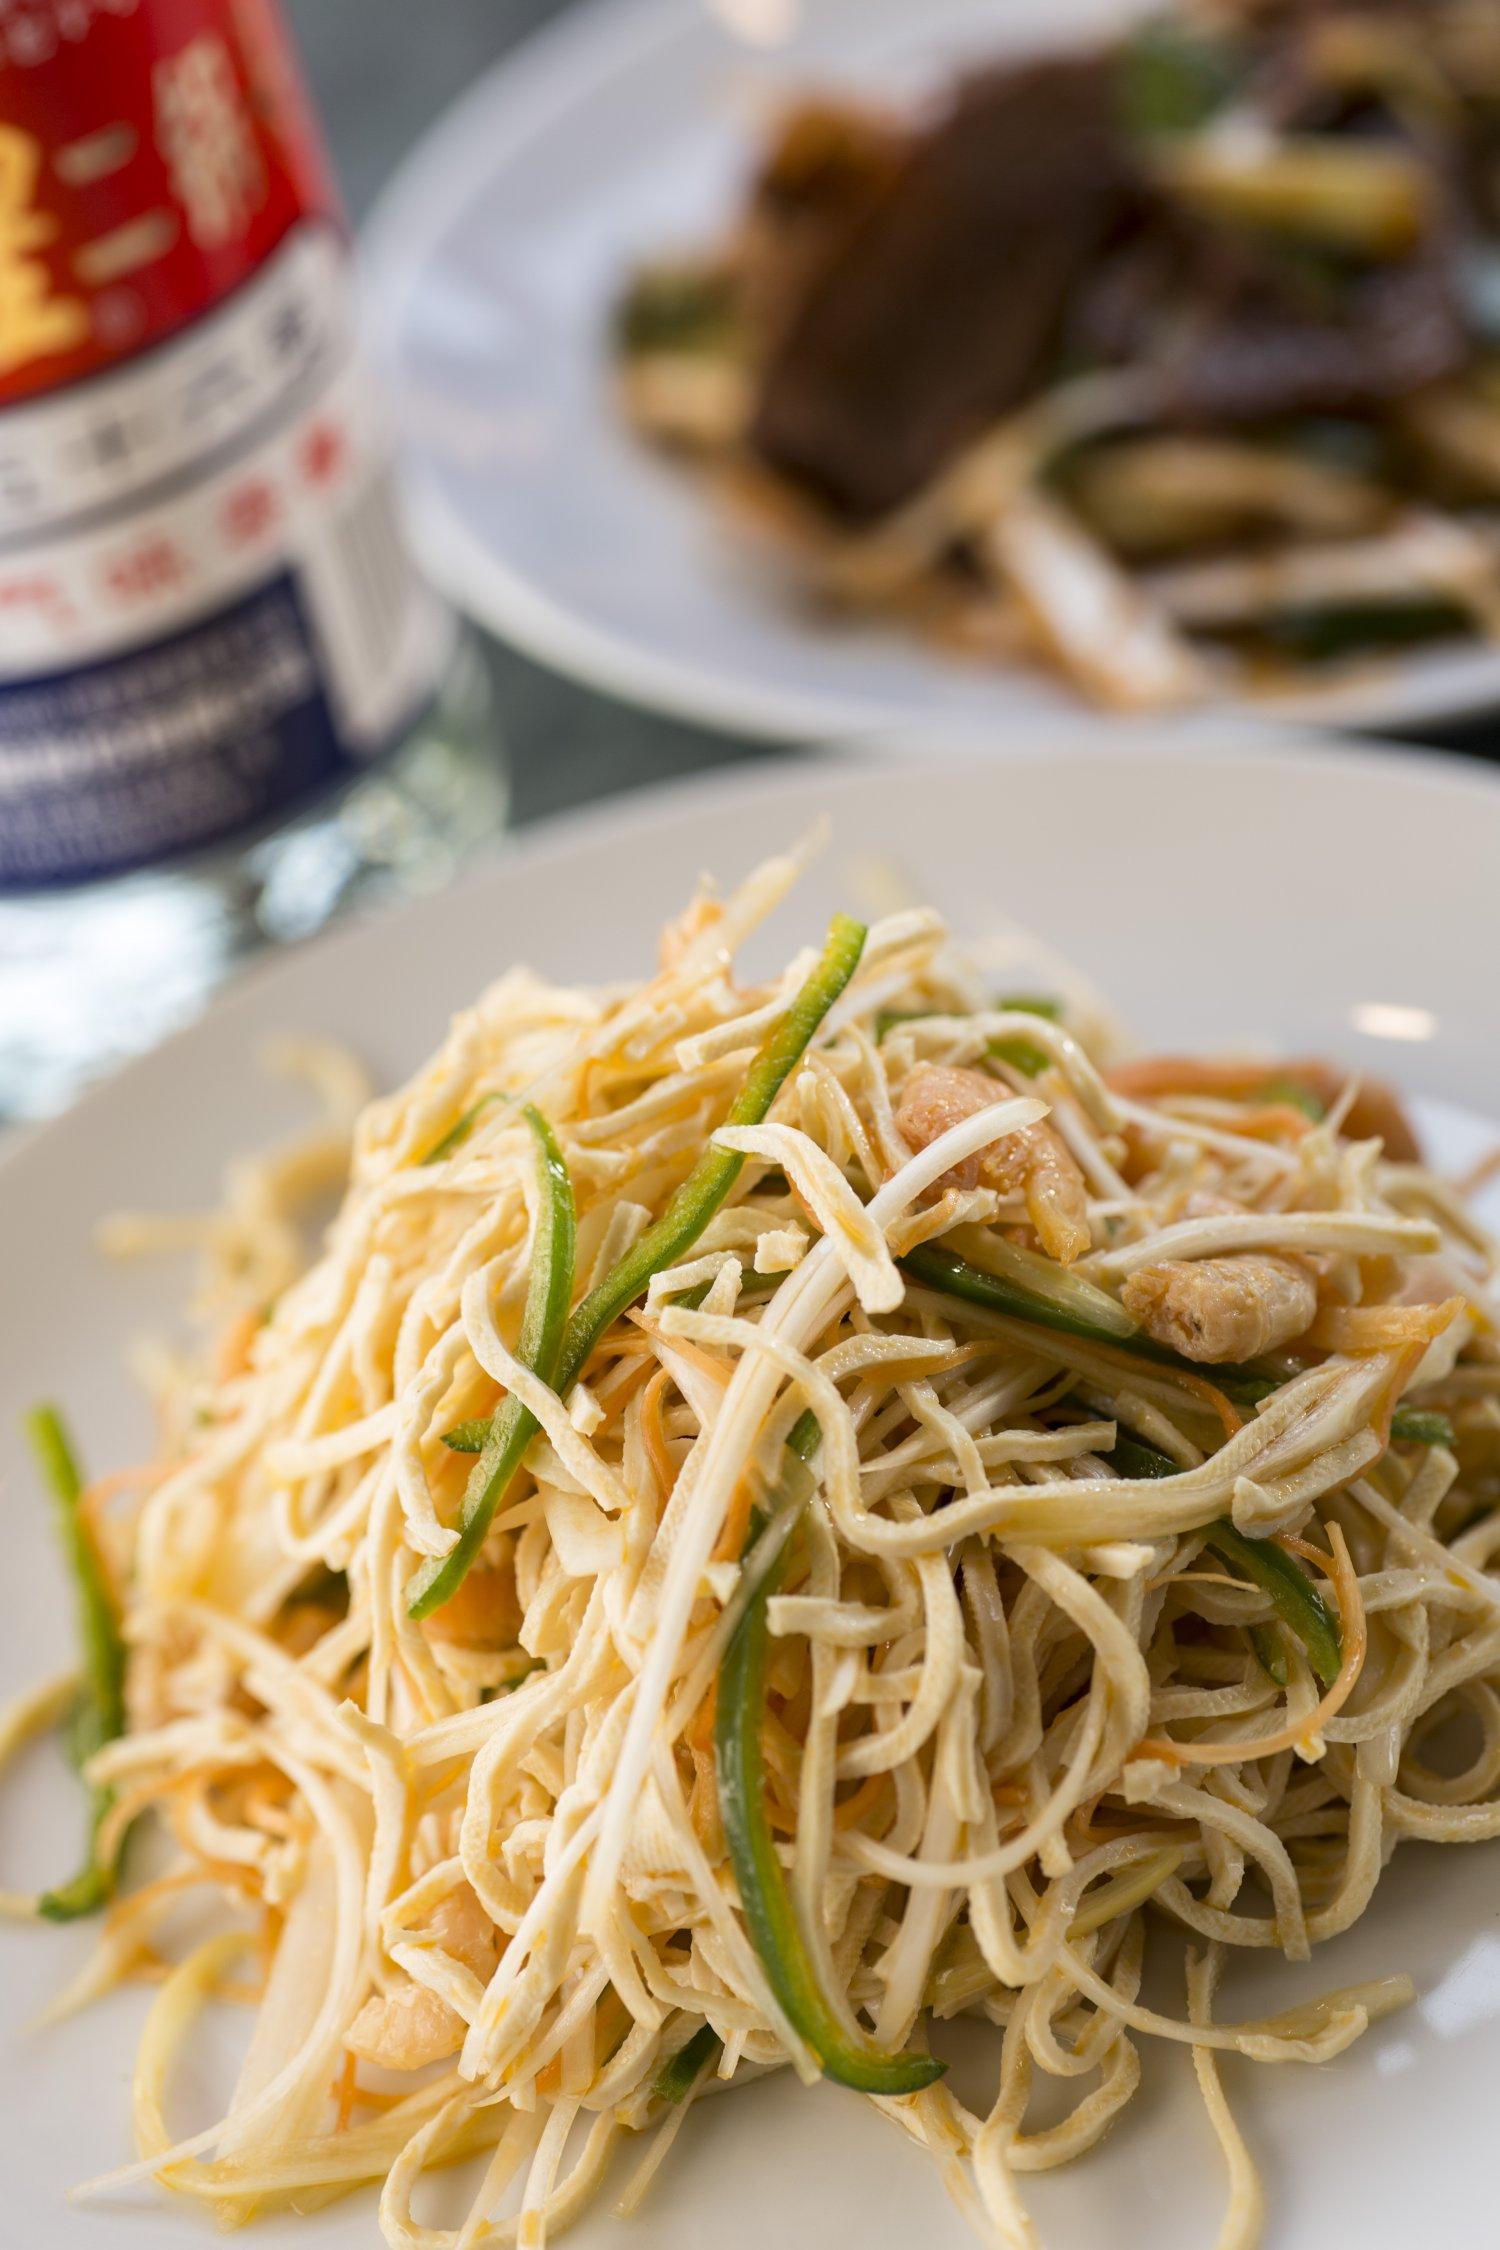 手前は干しエビと乾豆腐の和え物500円。麺状の乾豆腐は中国の定番食材で、コリコリの歯応え。